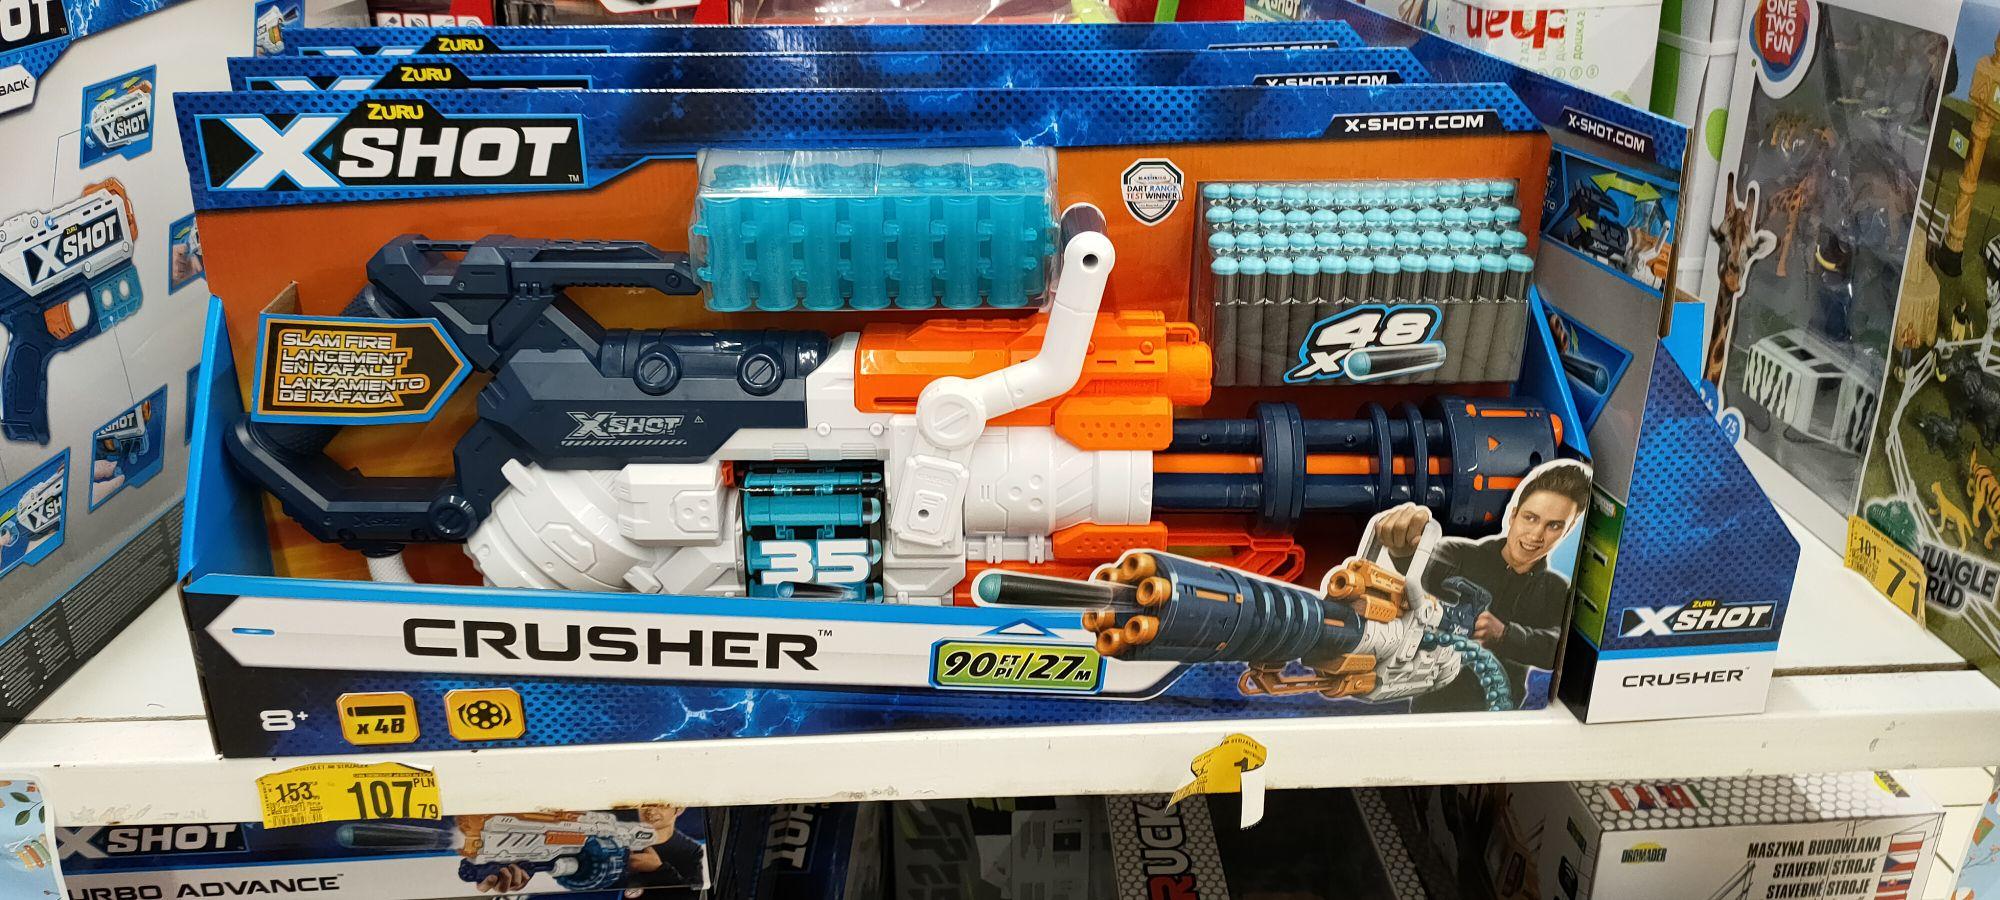 X-shot Crusher minigun na strzałki piankowe, upolowane w Auchan Bonarka Kraków